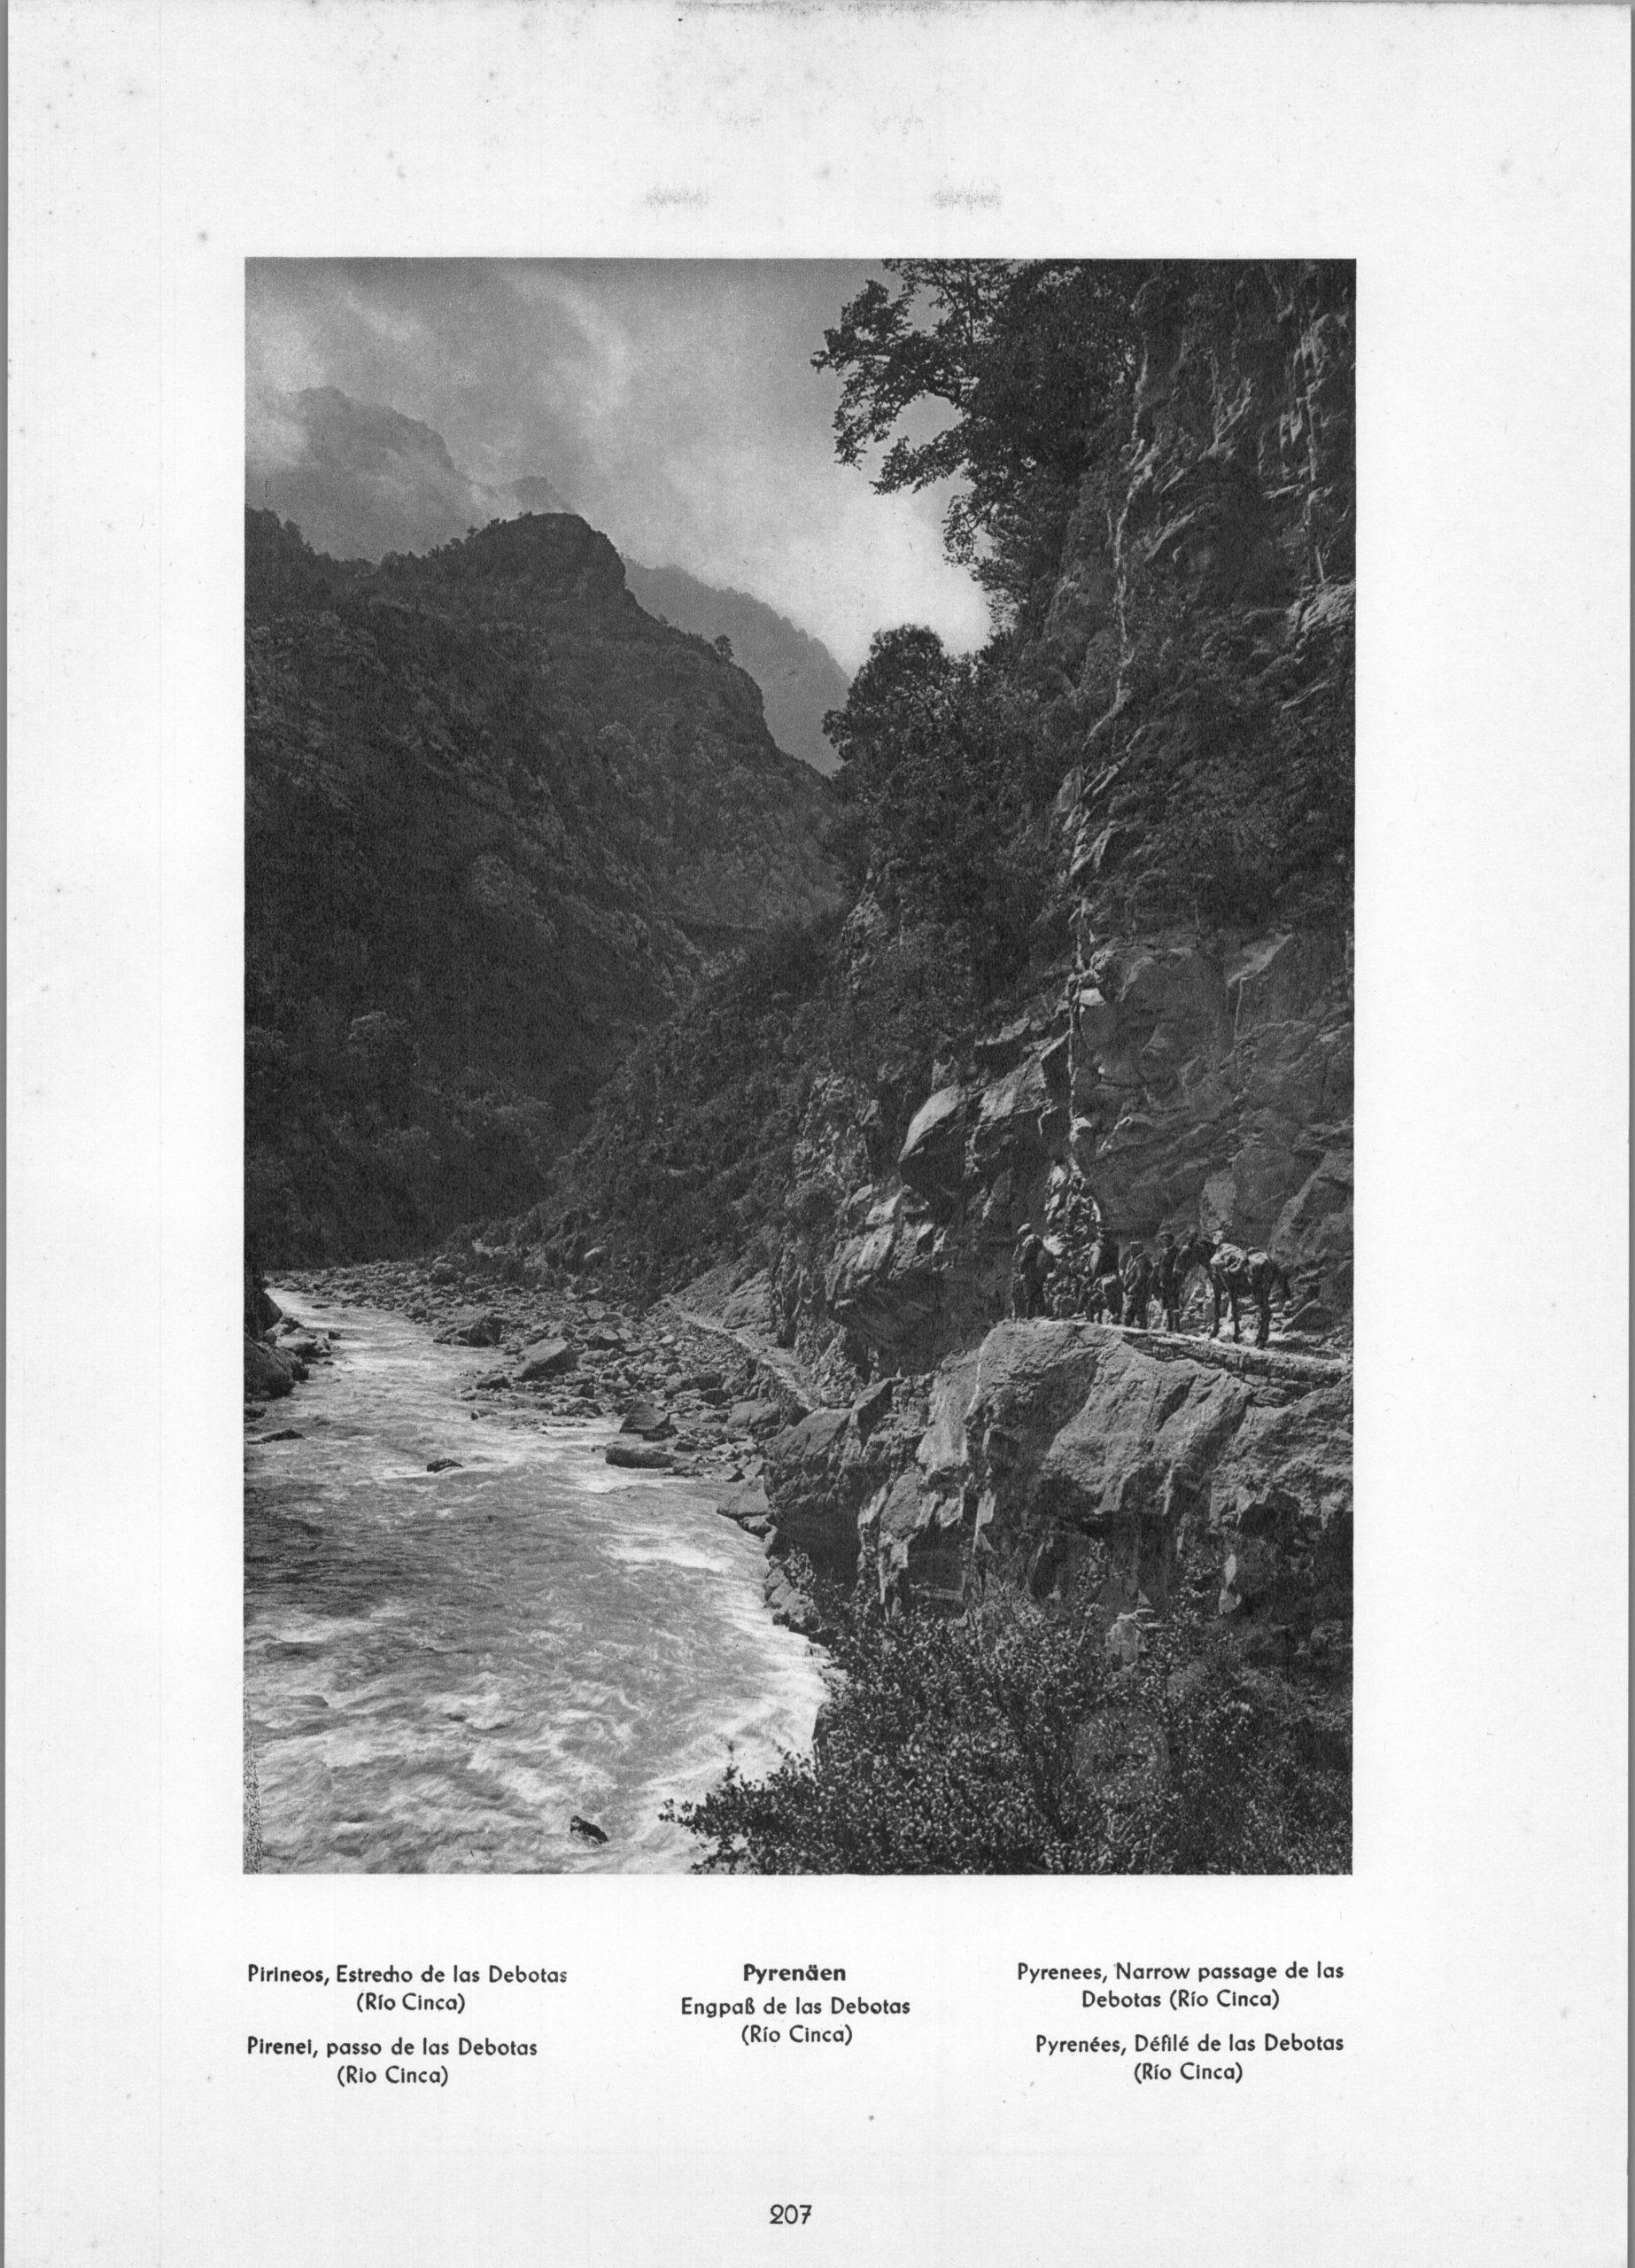 Pyrenees Rio Cinca - Narrow passage de las Debotas